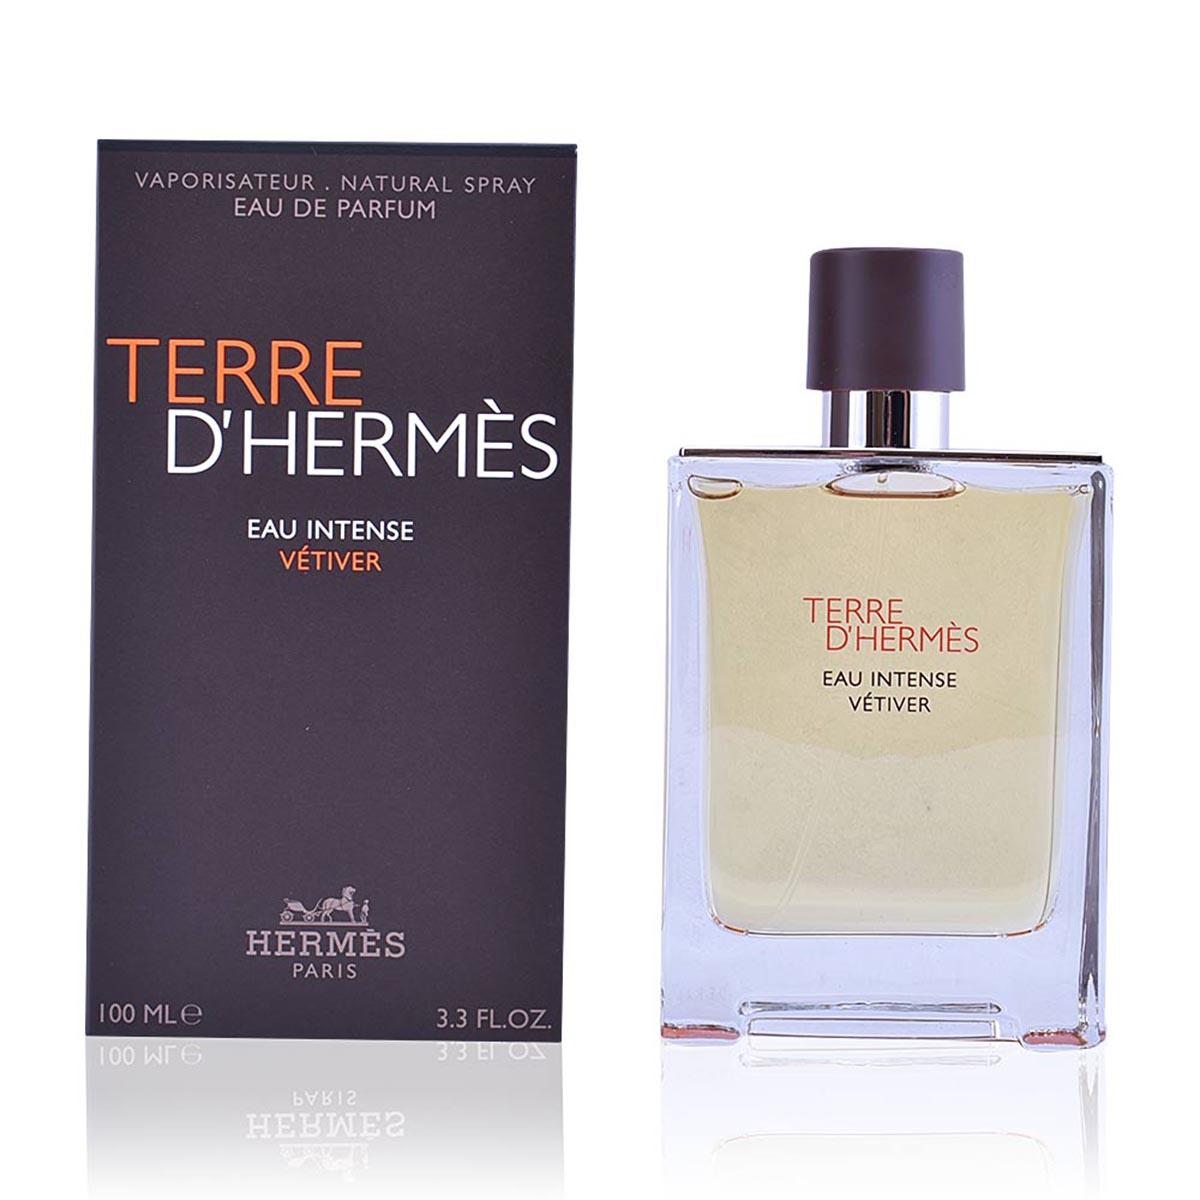 Hermes paris terre d hermes eau intense vetiver eau de parfum 100ml vaporizador